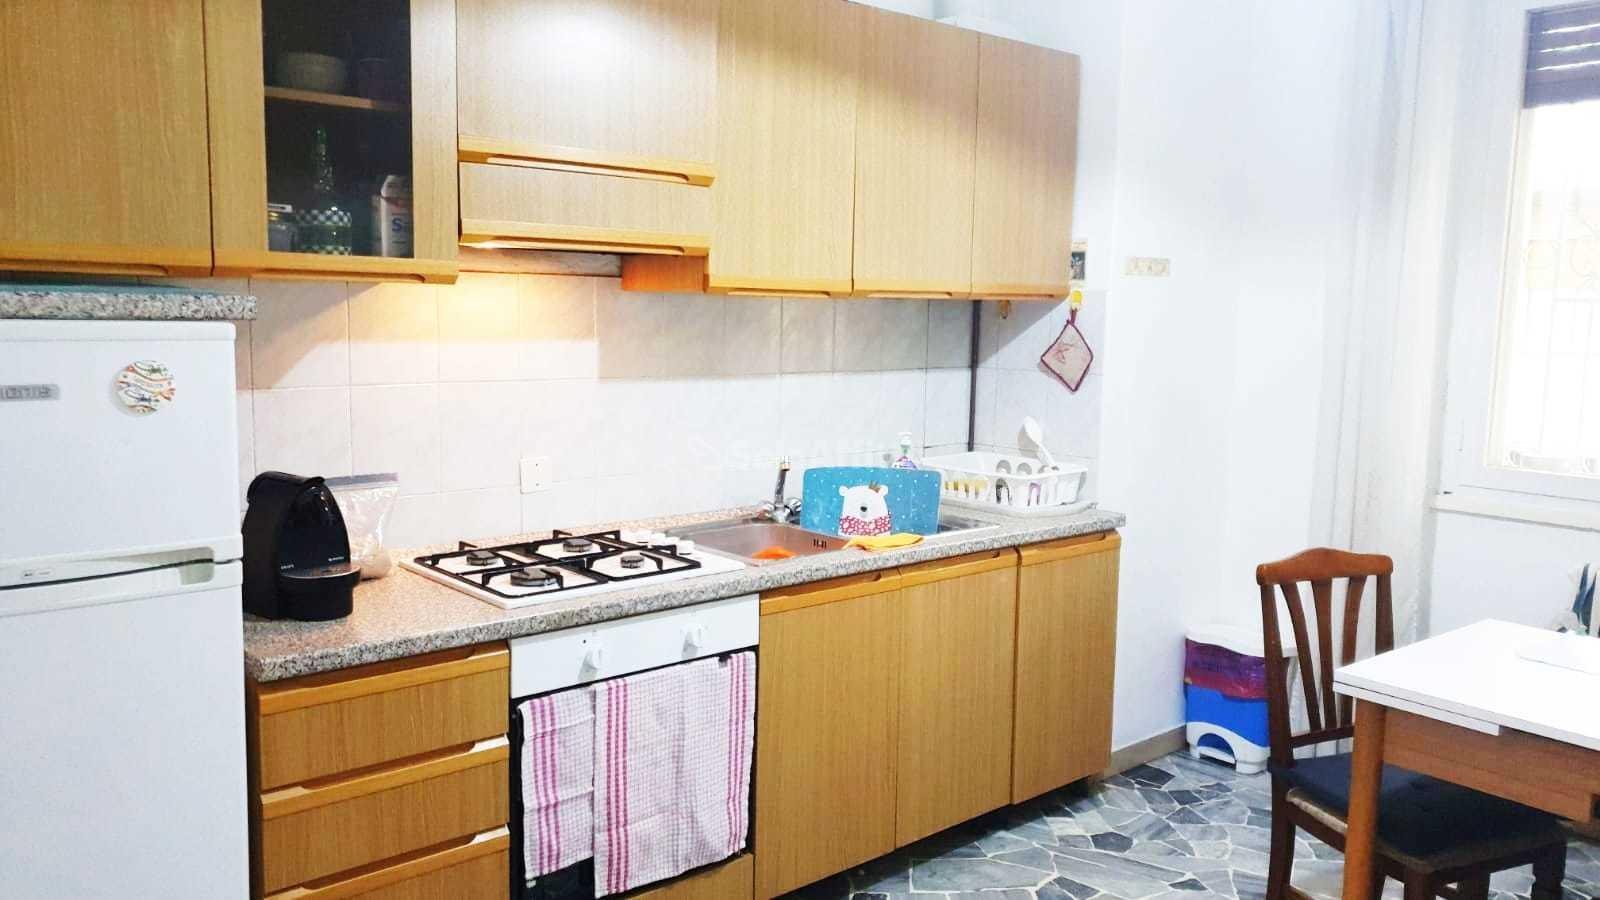 001 cucina.JPG